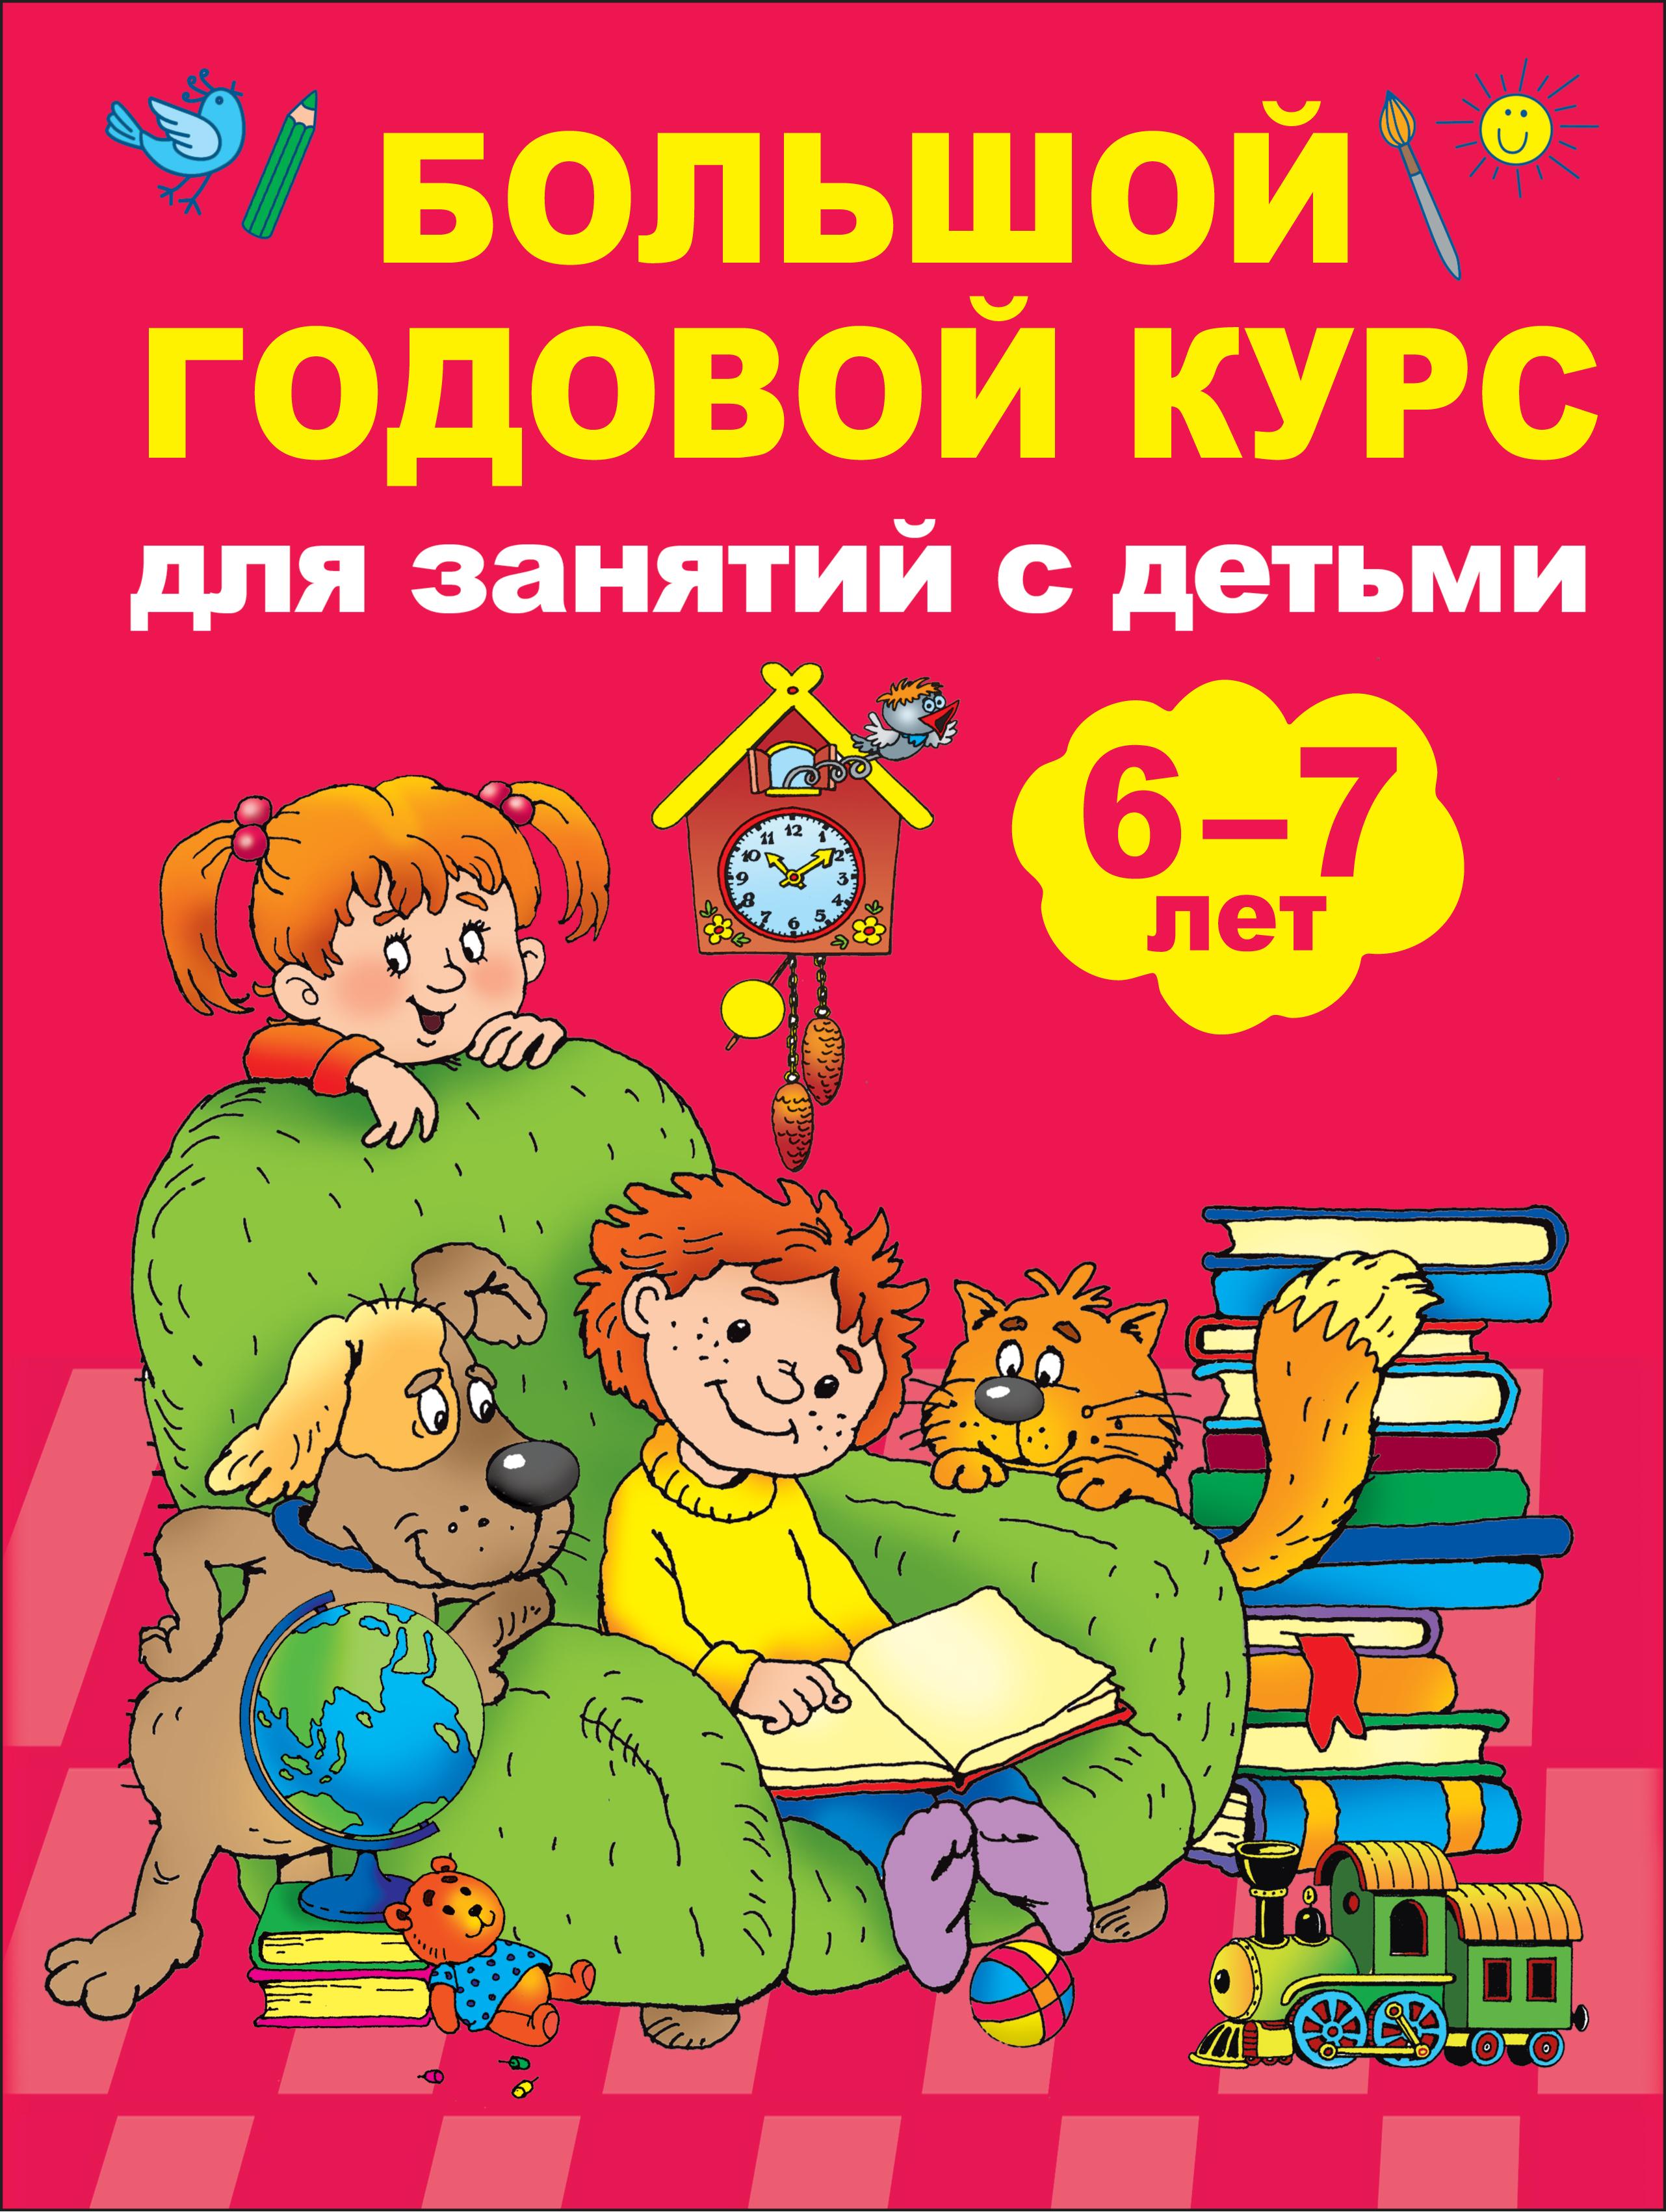 Дмитриева В.Г. Большой годовой курс для занятий с детьми 6-7 лет дмитриева в большой годовой курс для занятий с детьми 5 6 лет